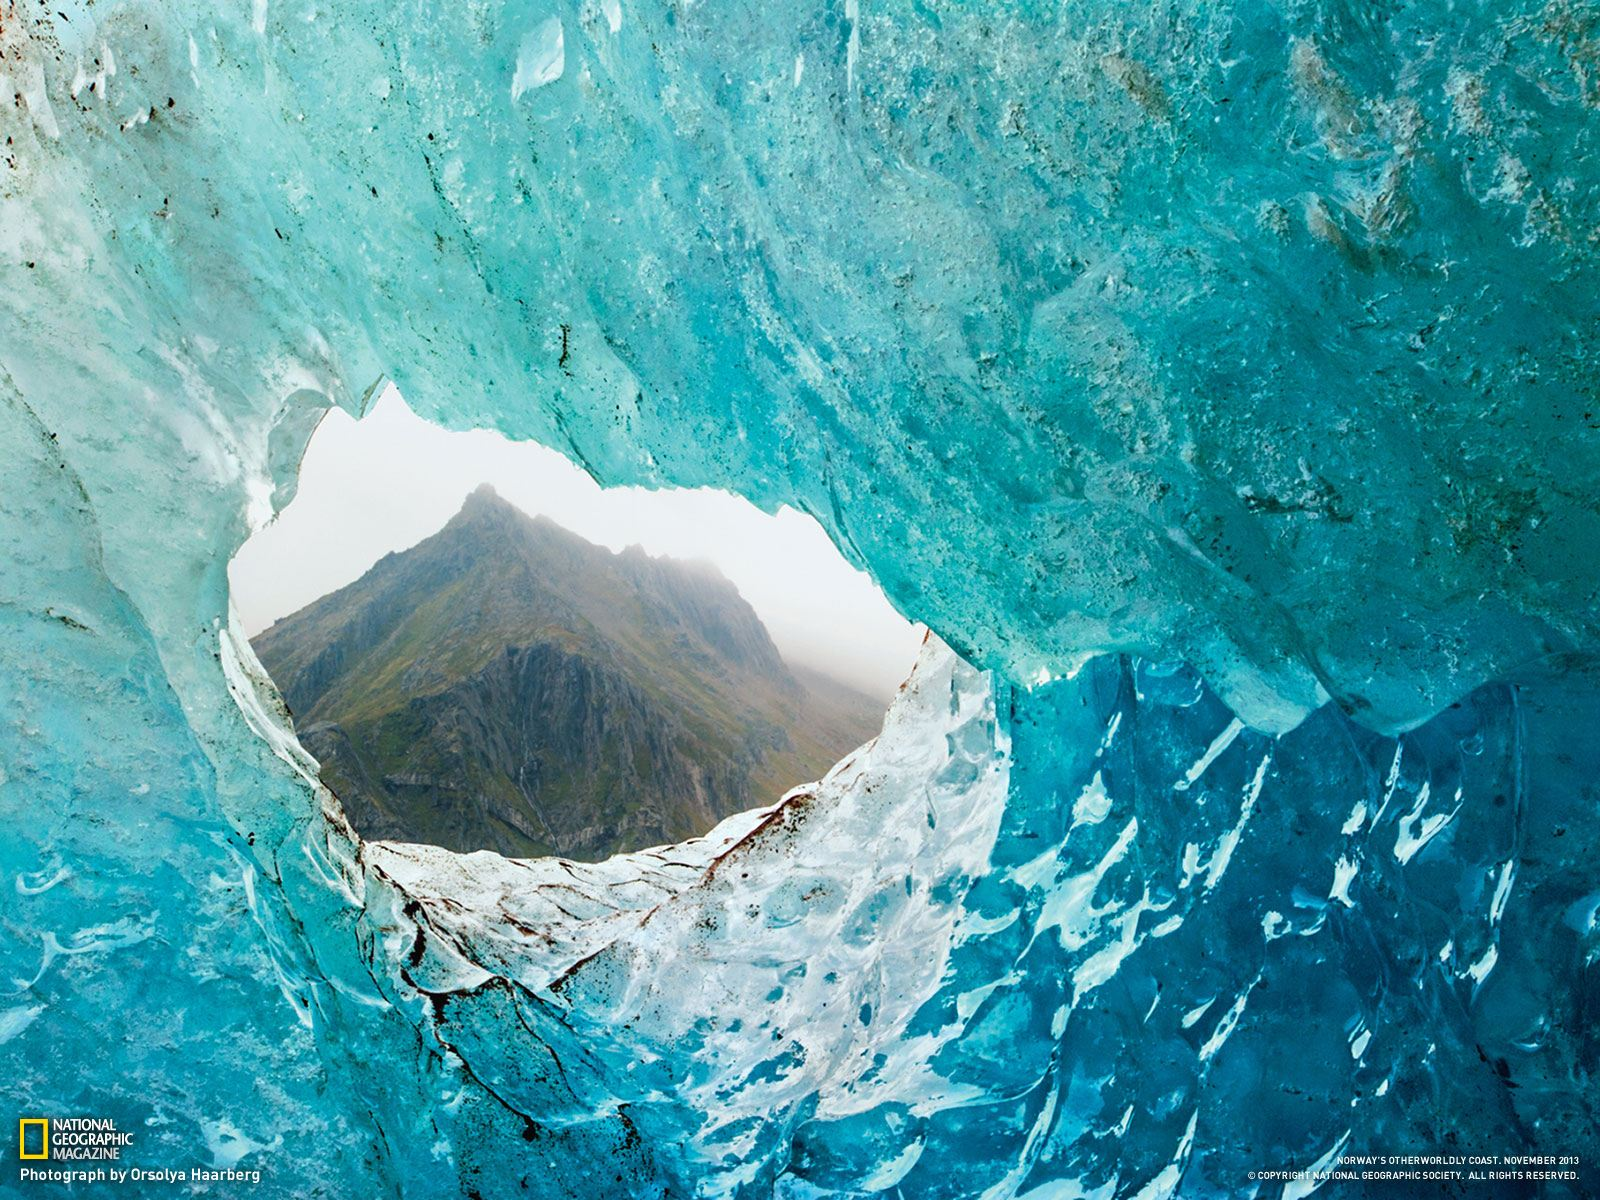 氷河の窓からのぞく山(ノルウェー)   ナショナルジオグラフィック日本版サイト